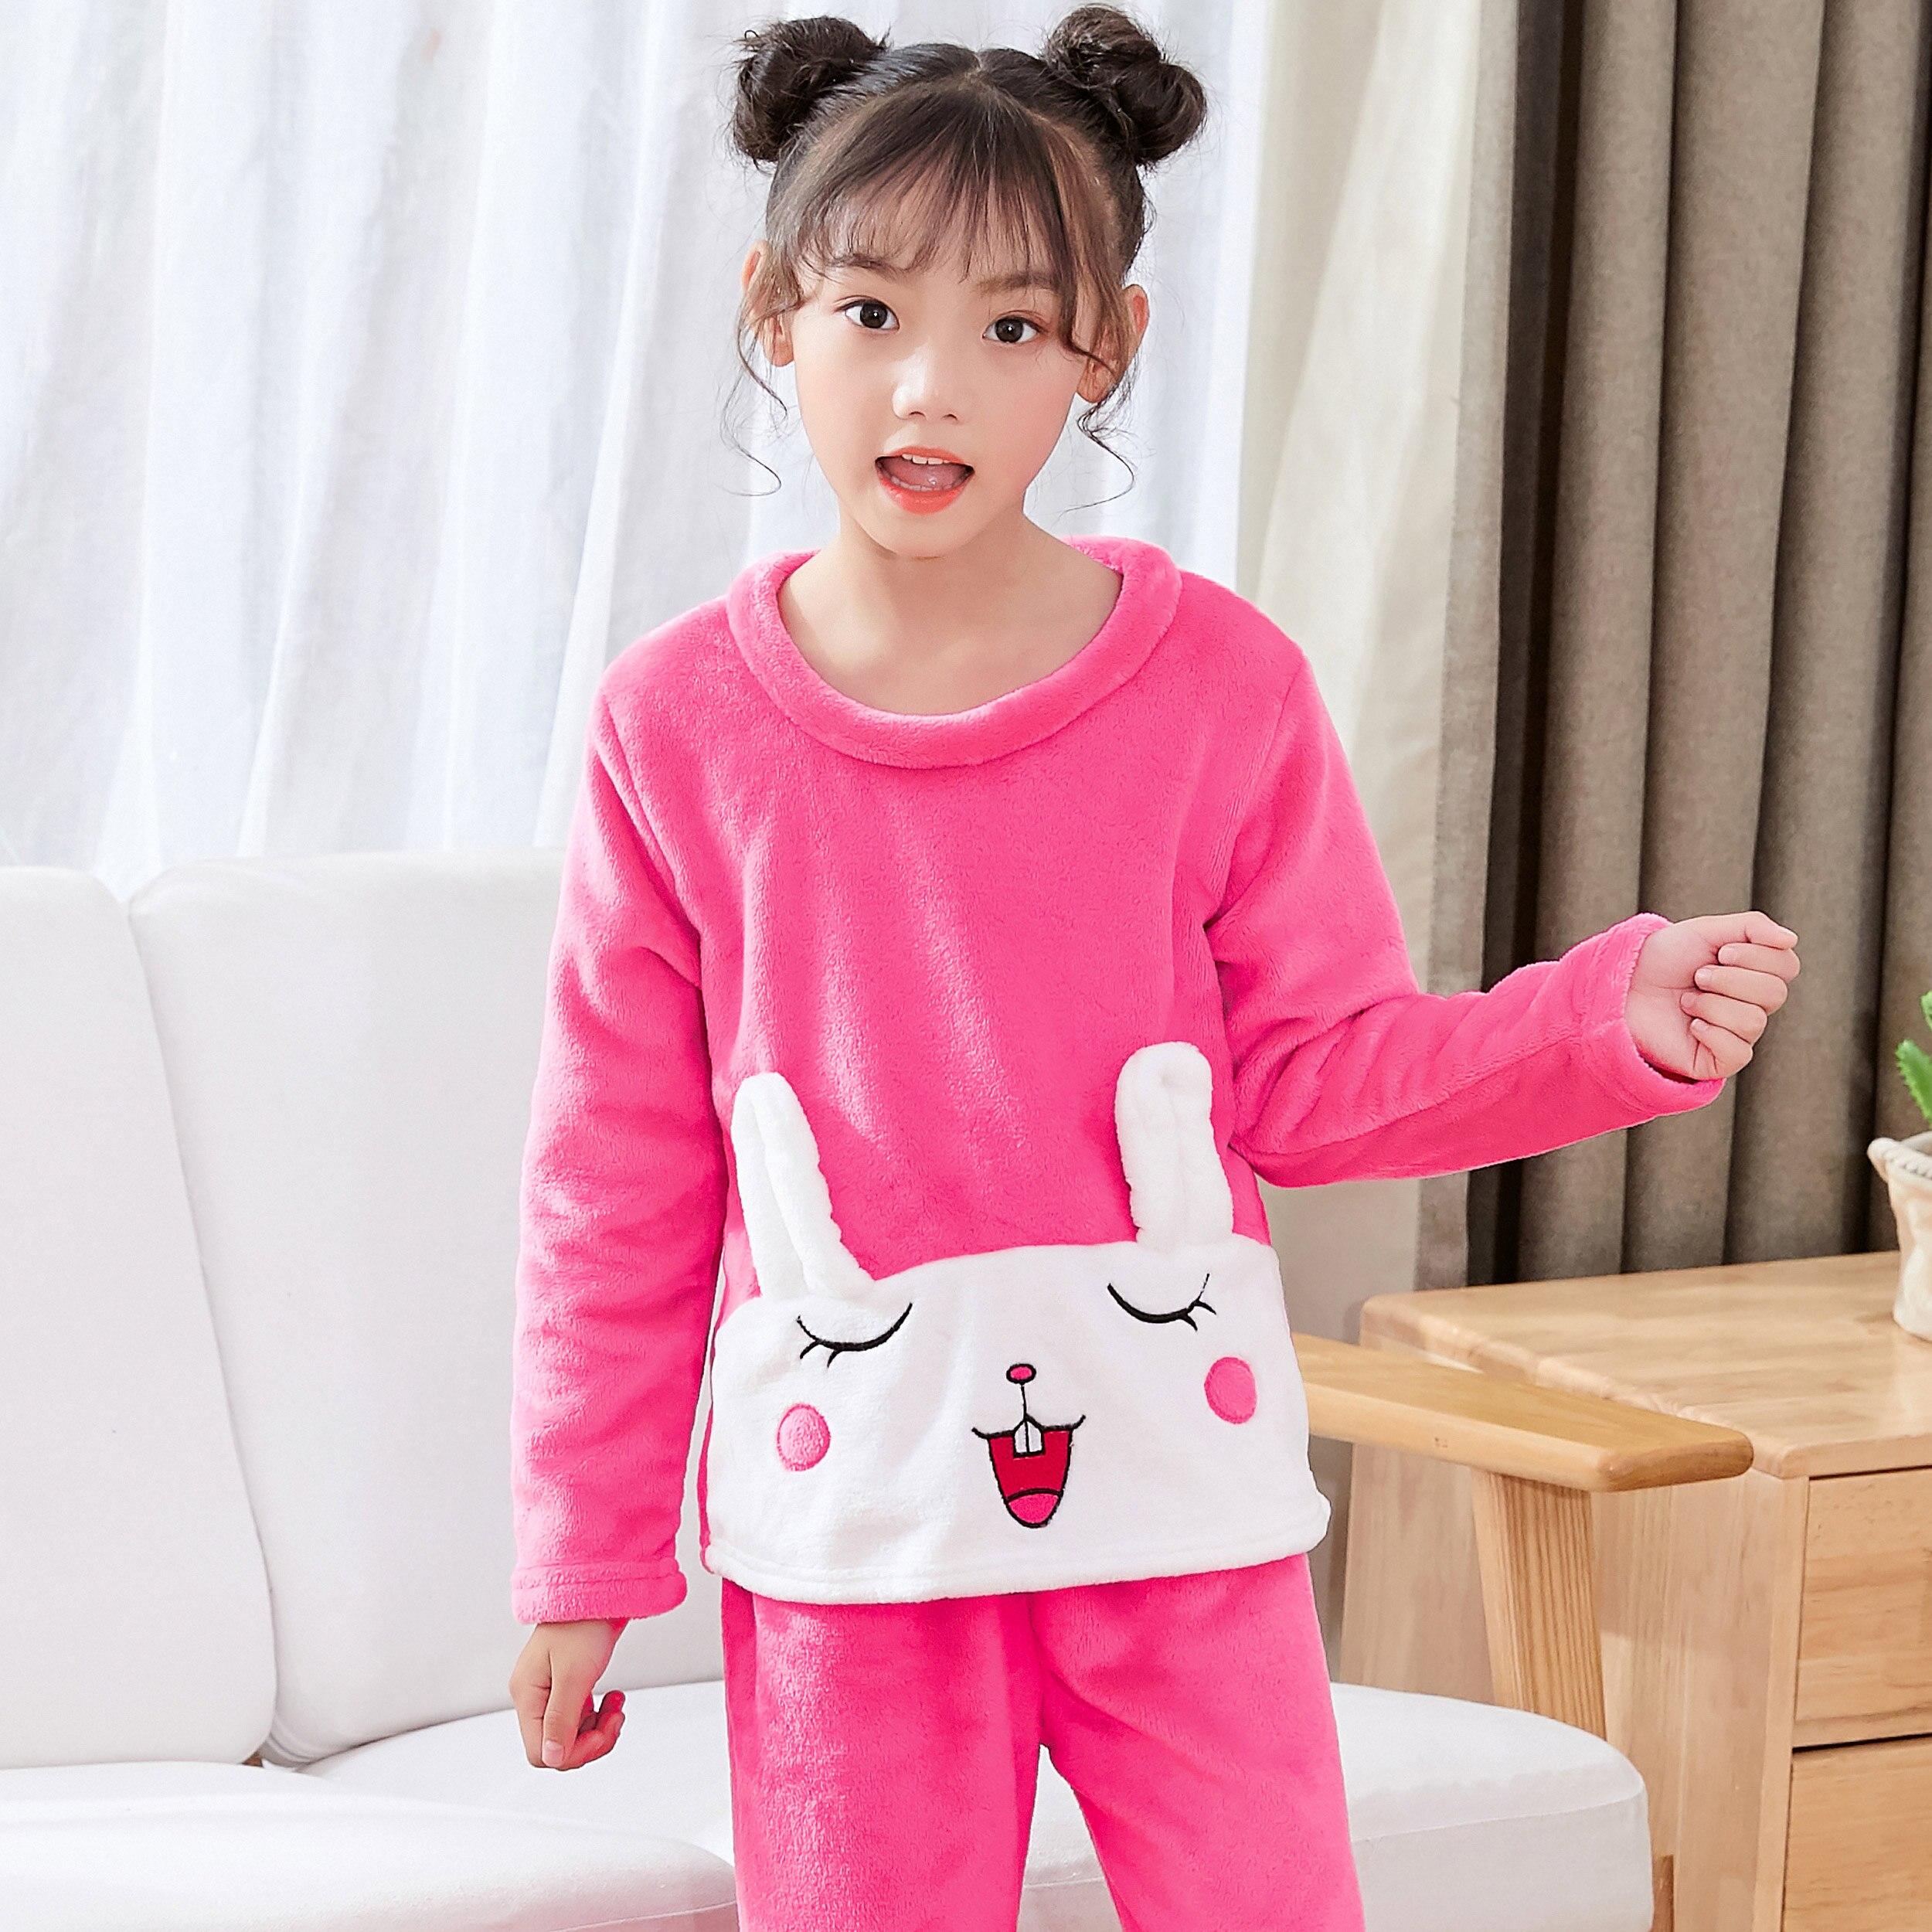 Новинка года; зимняя детская флисовая Пижама; теплая фланелевая одежда для сна; домашняя одежда для девочек из кораллового флиса; детская пижама; домашняя одежда; Пижама для мальчиков - Цвет: model 10